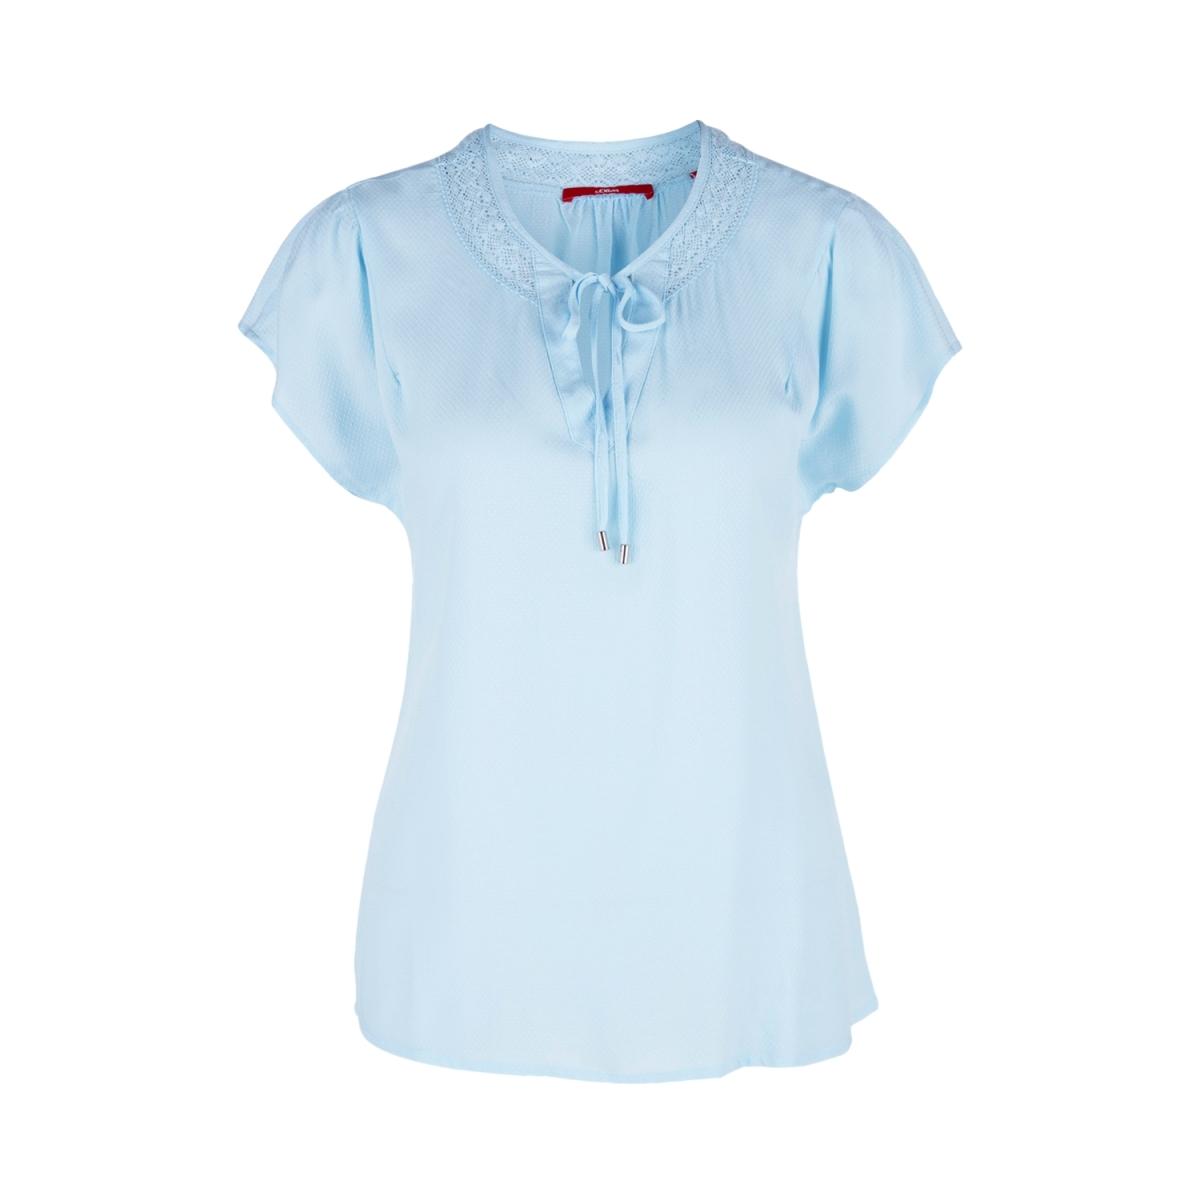 blouse met v hals en strik sluiting 14905125318 s.oliver blouse 5068